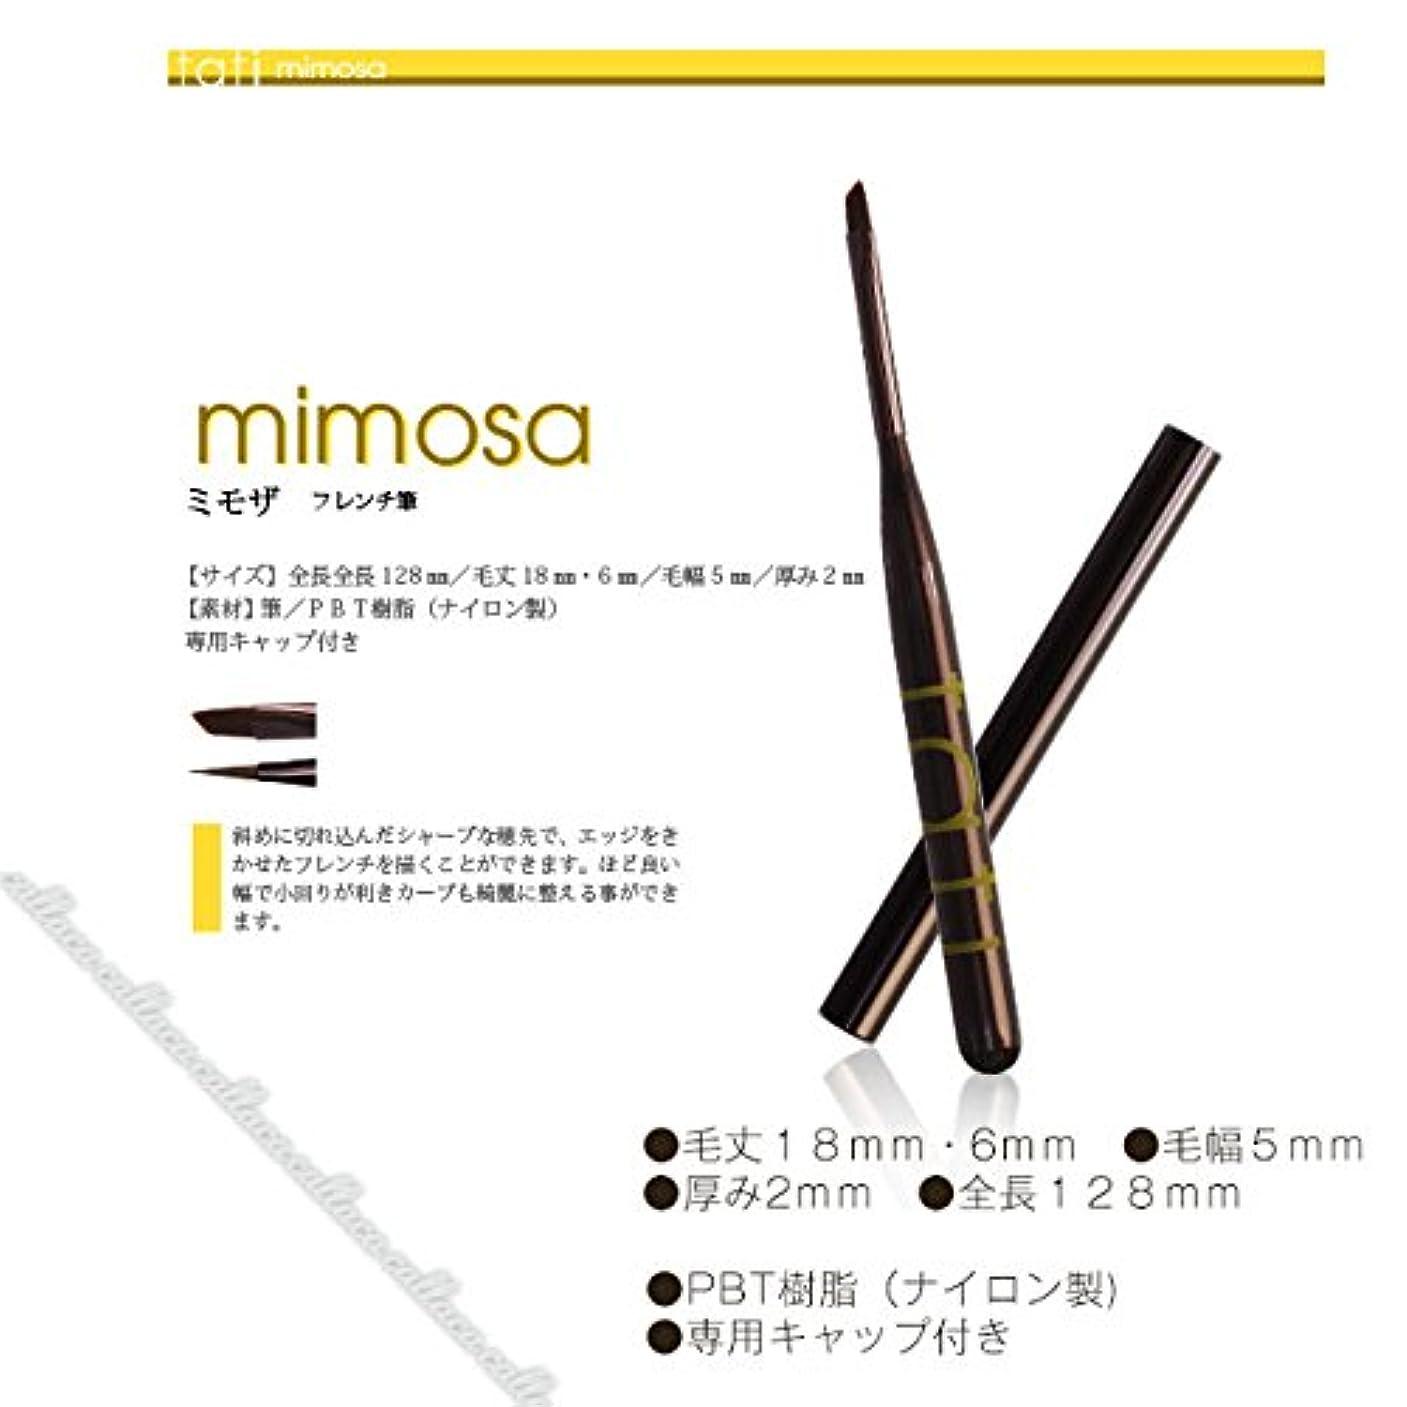 補体困難ゾーンtati アートショコラ mimosa (ミモザ)